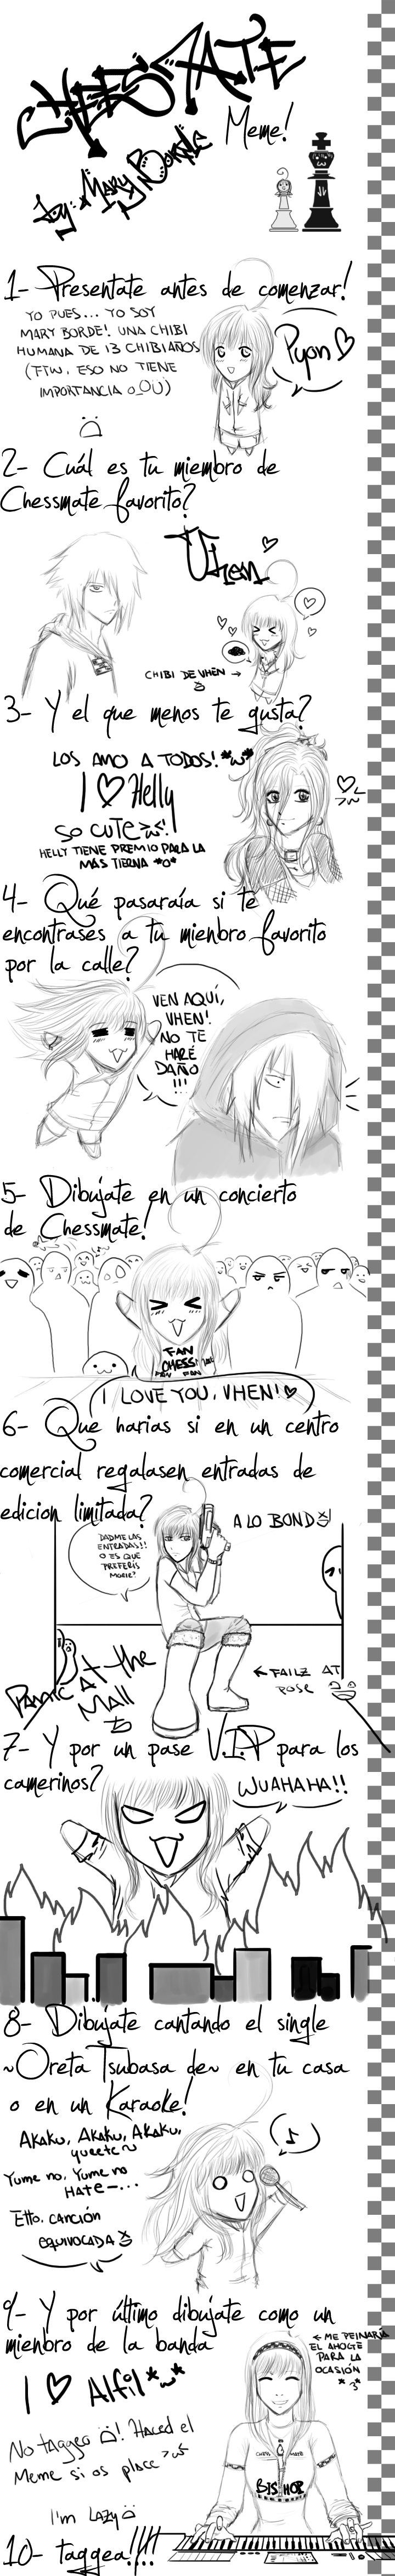 Chessmate Meme by Ashayami